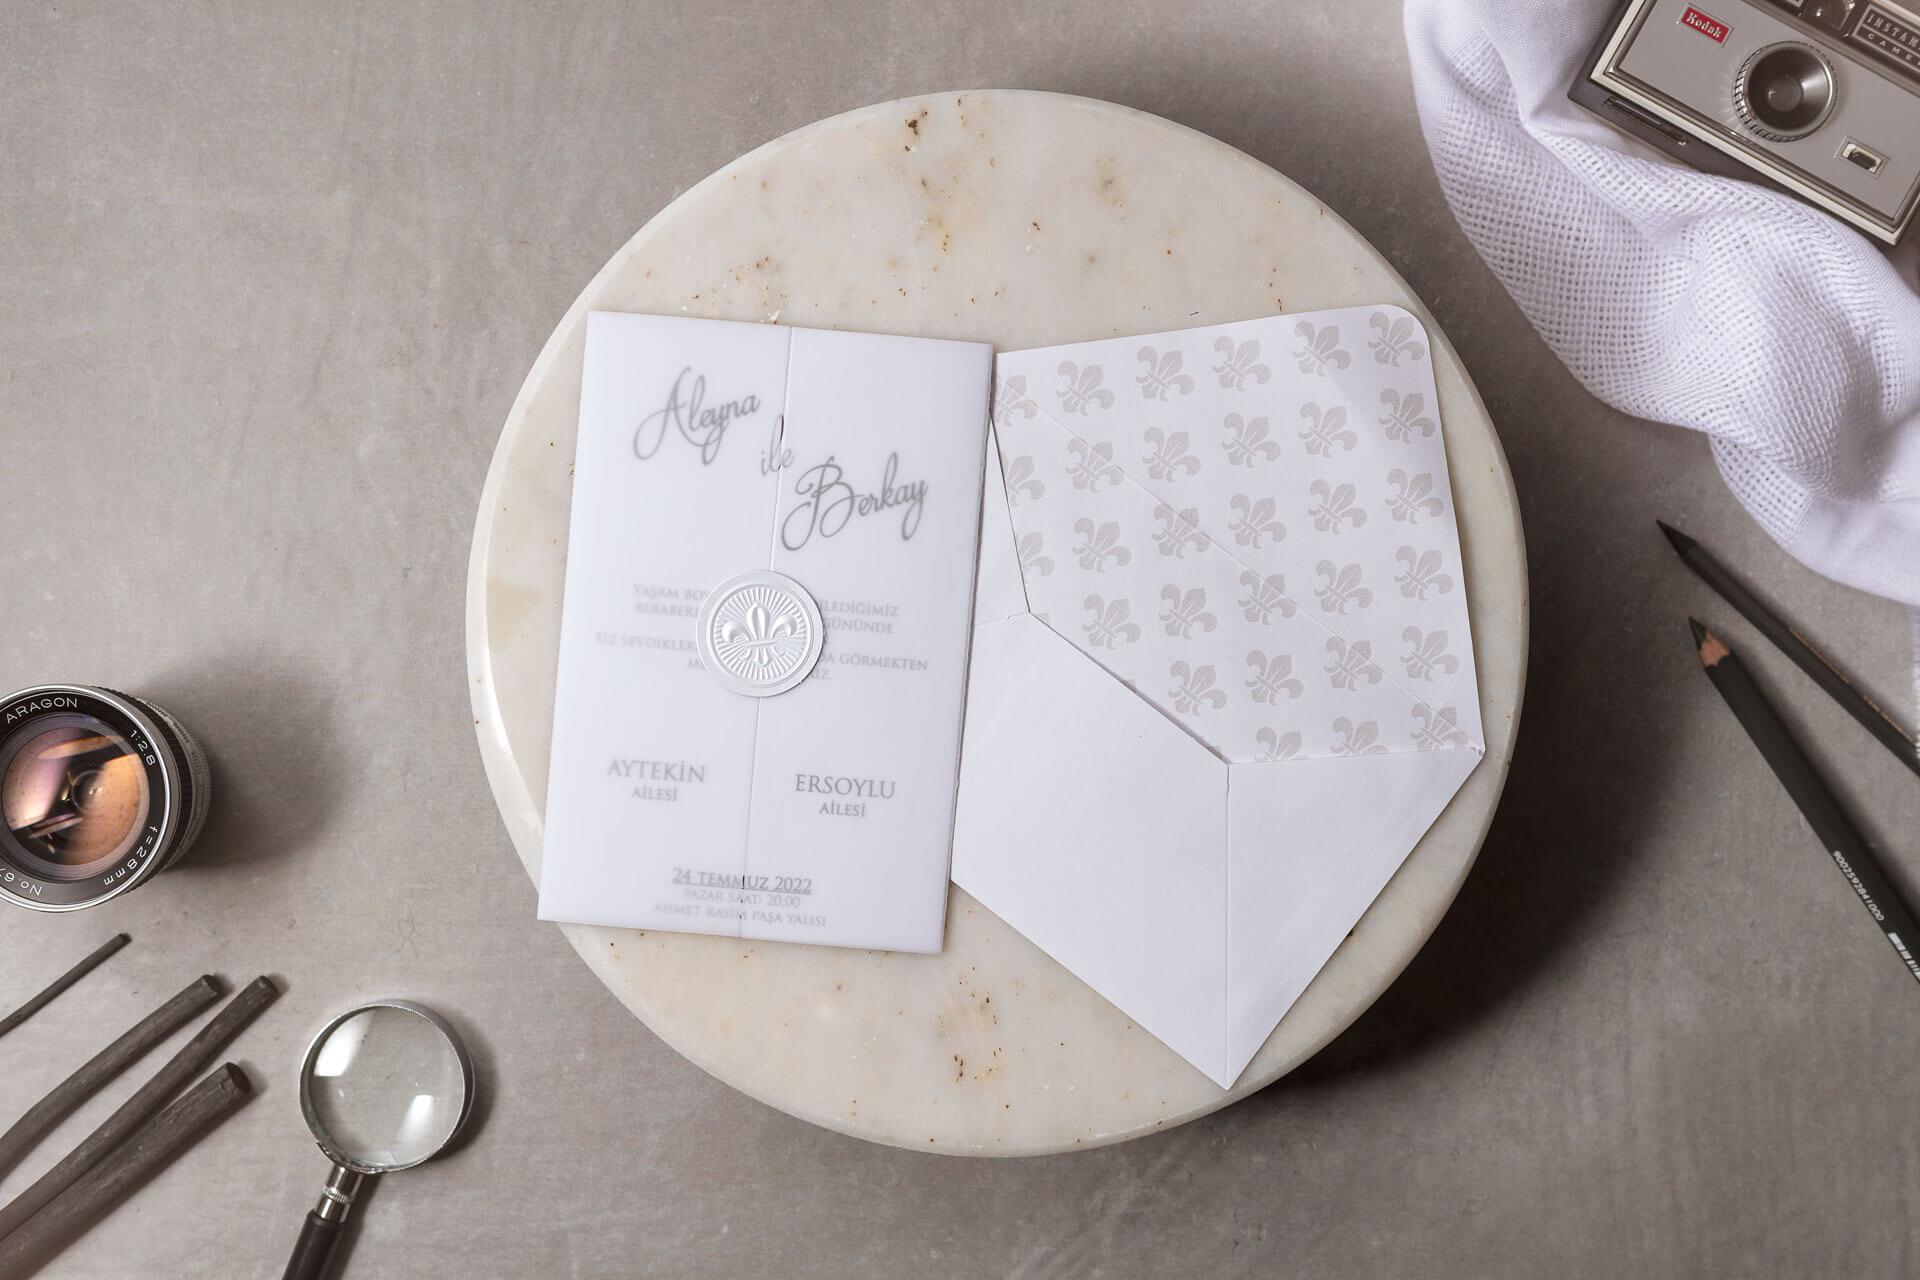 şeffaf-zarflı-düğün-davetiyesi-8398-1